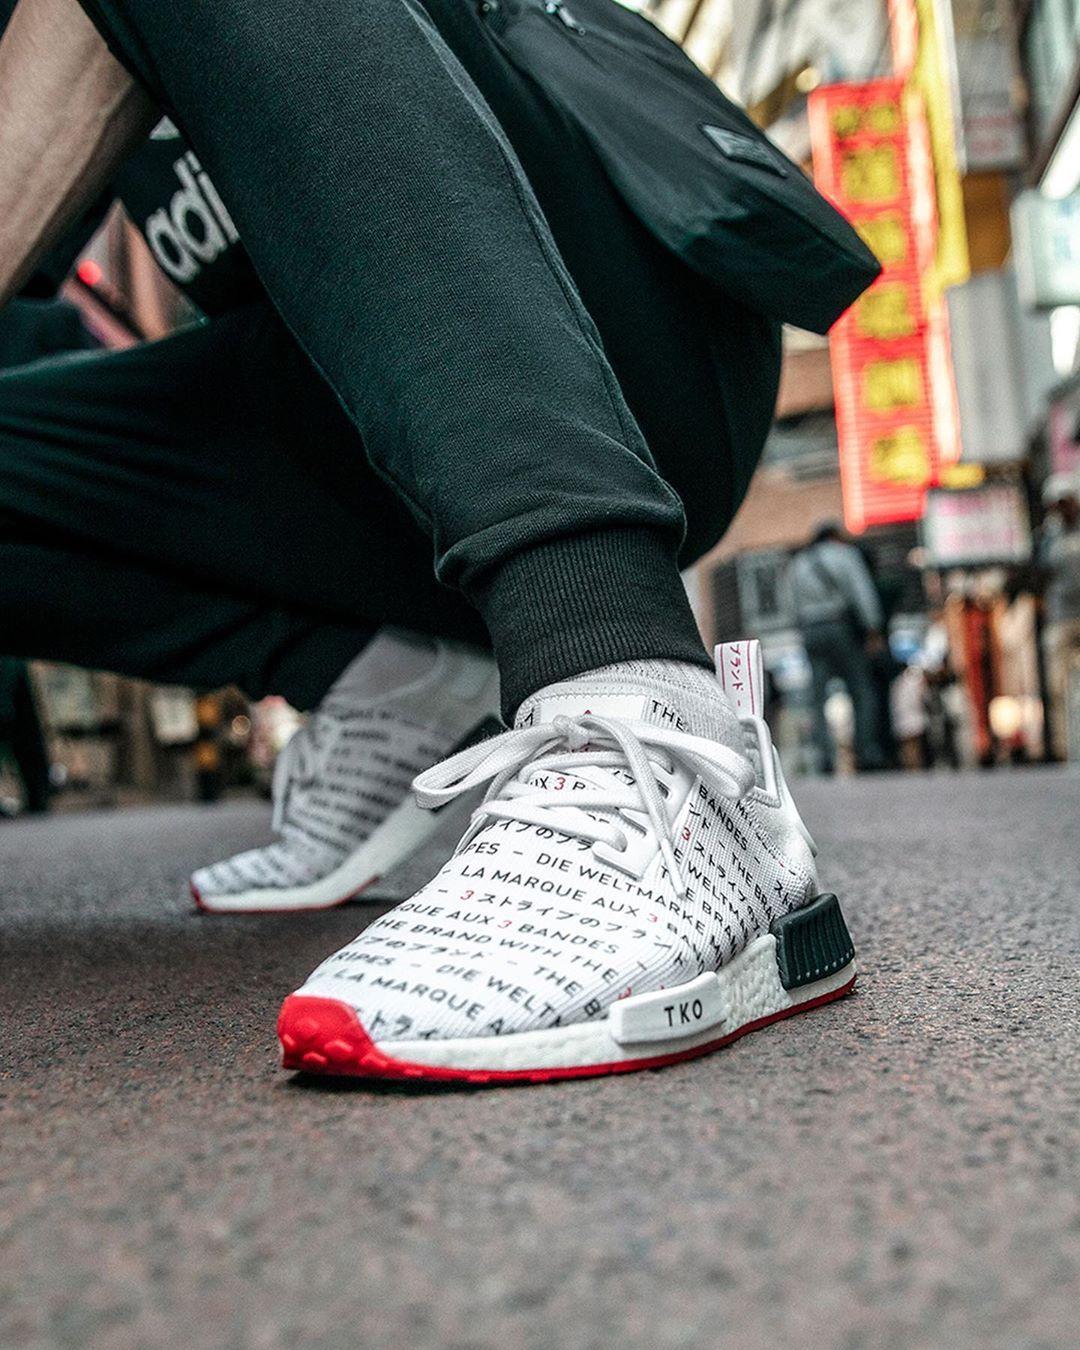 Foot locker, Sneakers, Adidas nmd